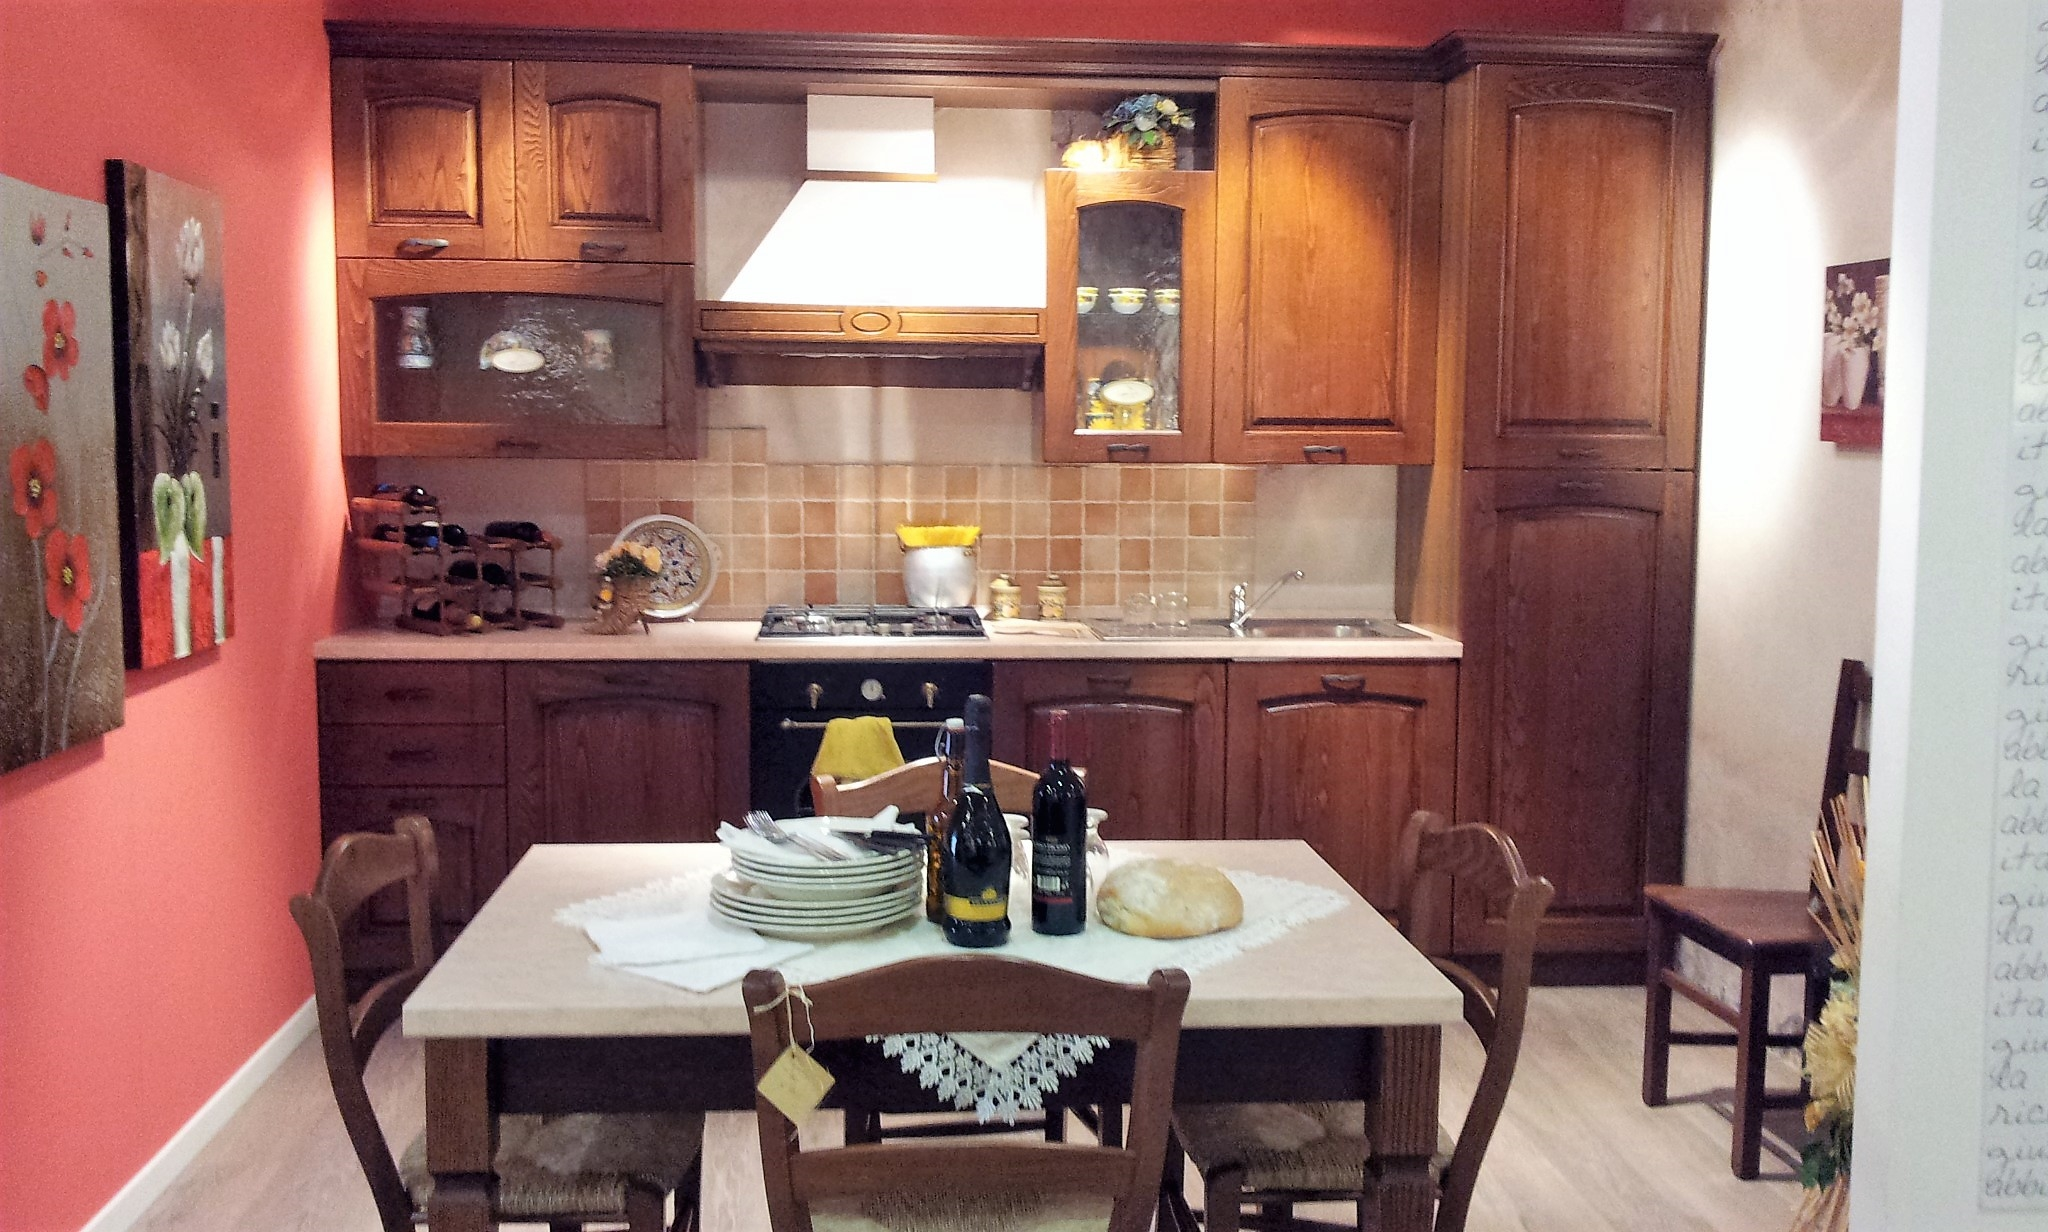 Outlet Arredamento Toscana - arredamento toscana simple arredamento ...